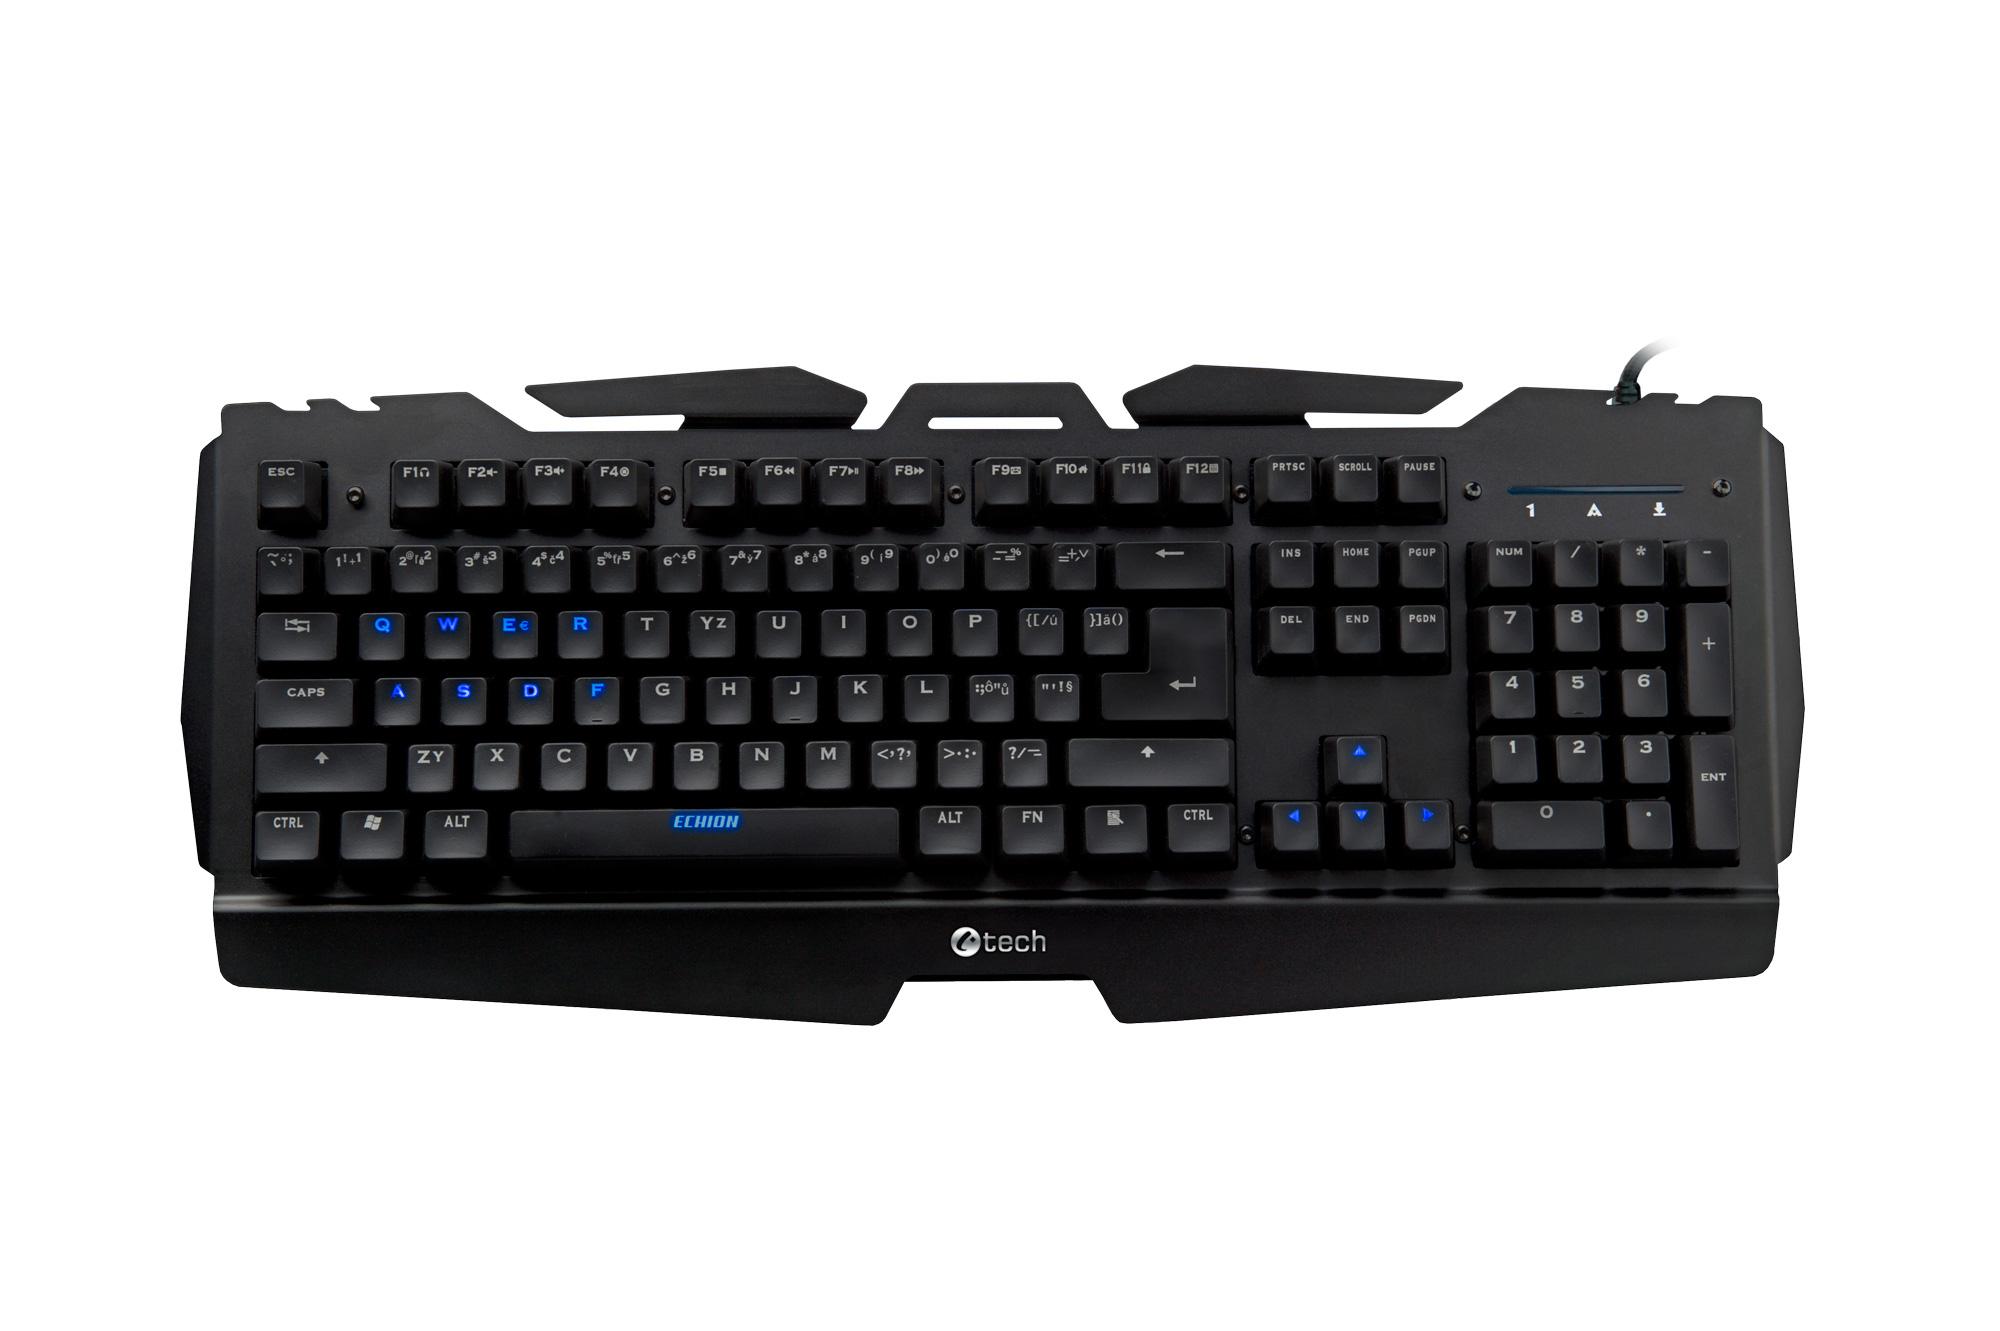 C-TECH herní klávesnice Echion (GKB-37), CZ/SK, mechanická s Kailh RED spínači, 7 barev podsvícení, programovatelná, USB